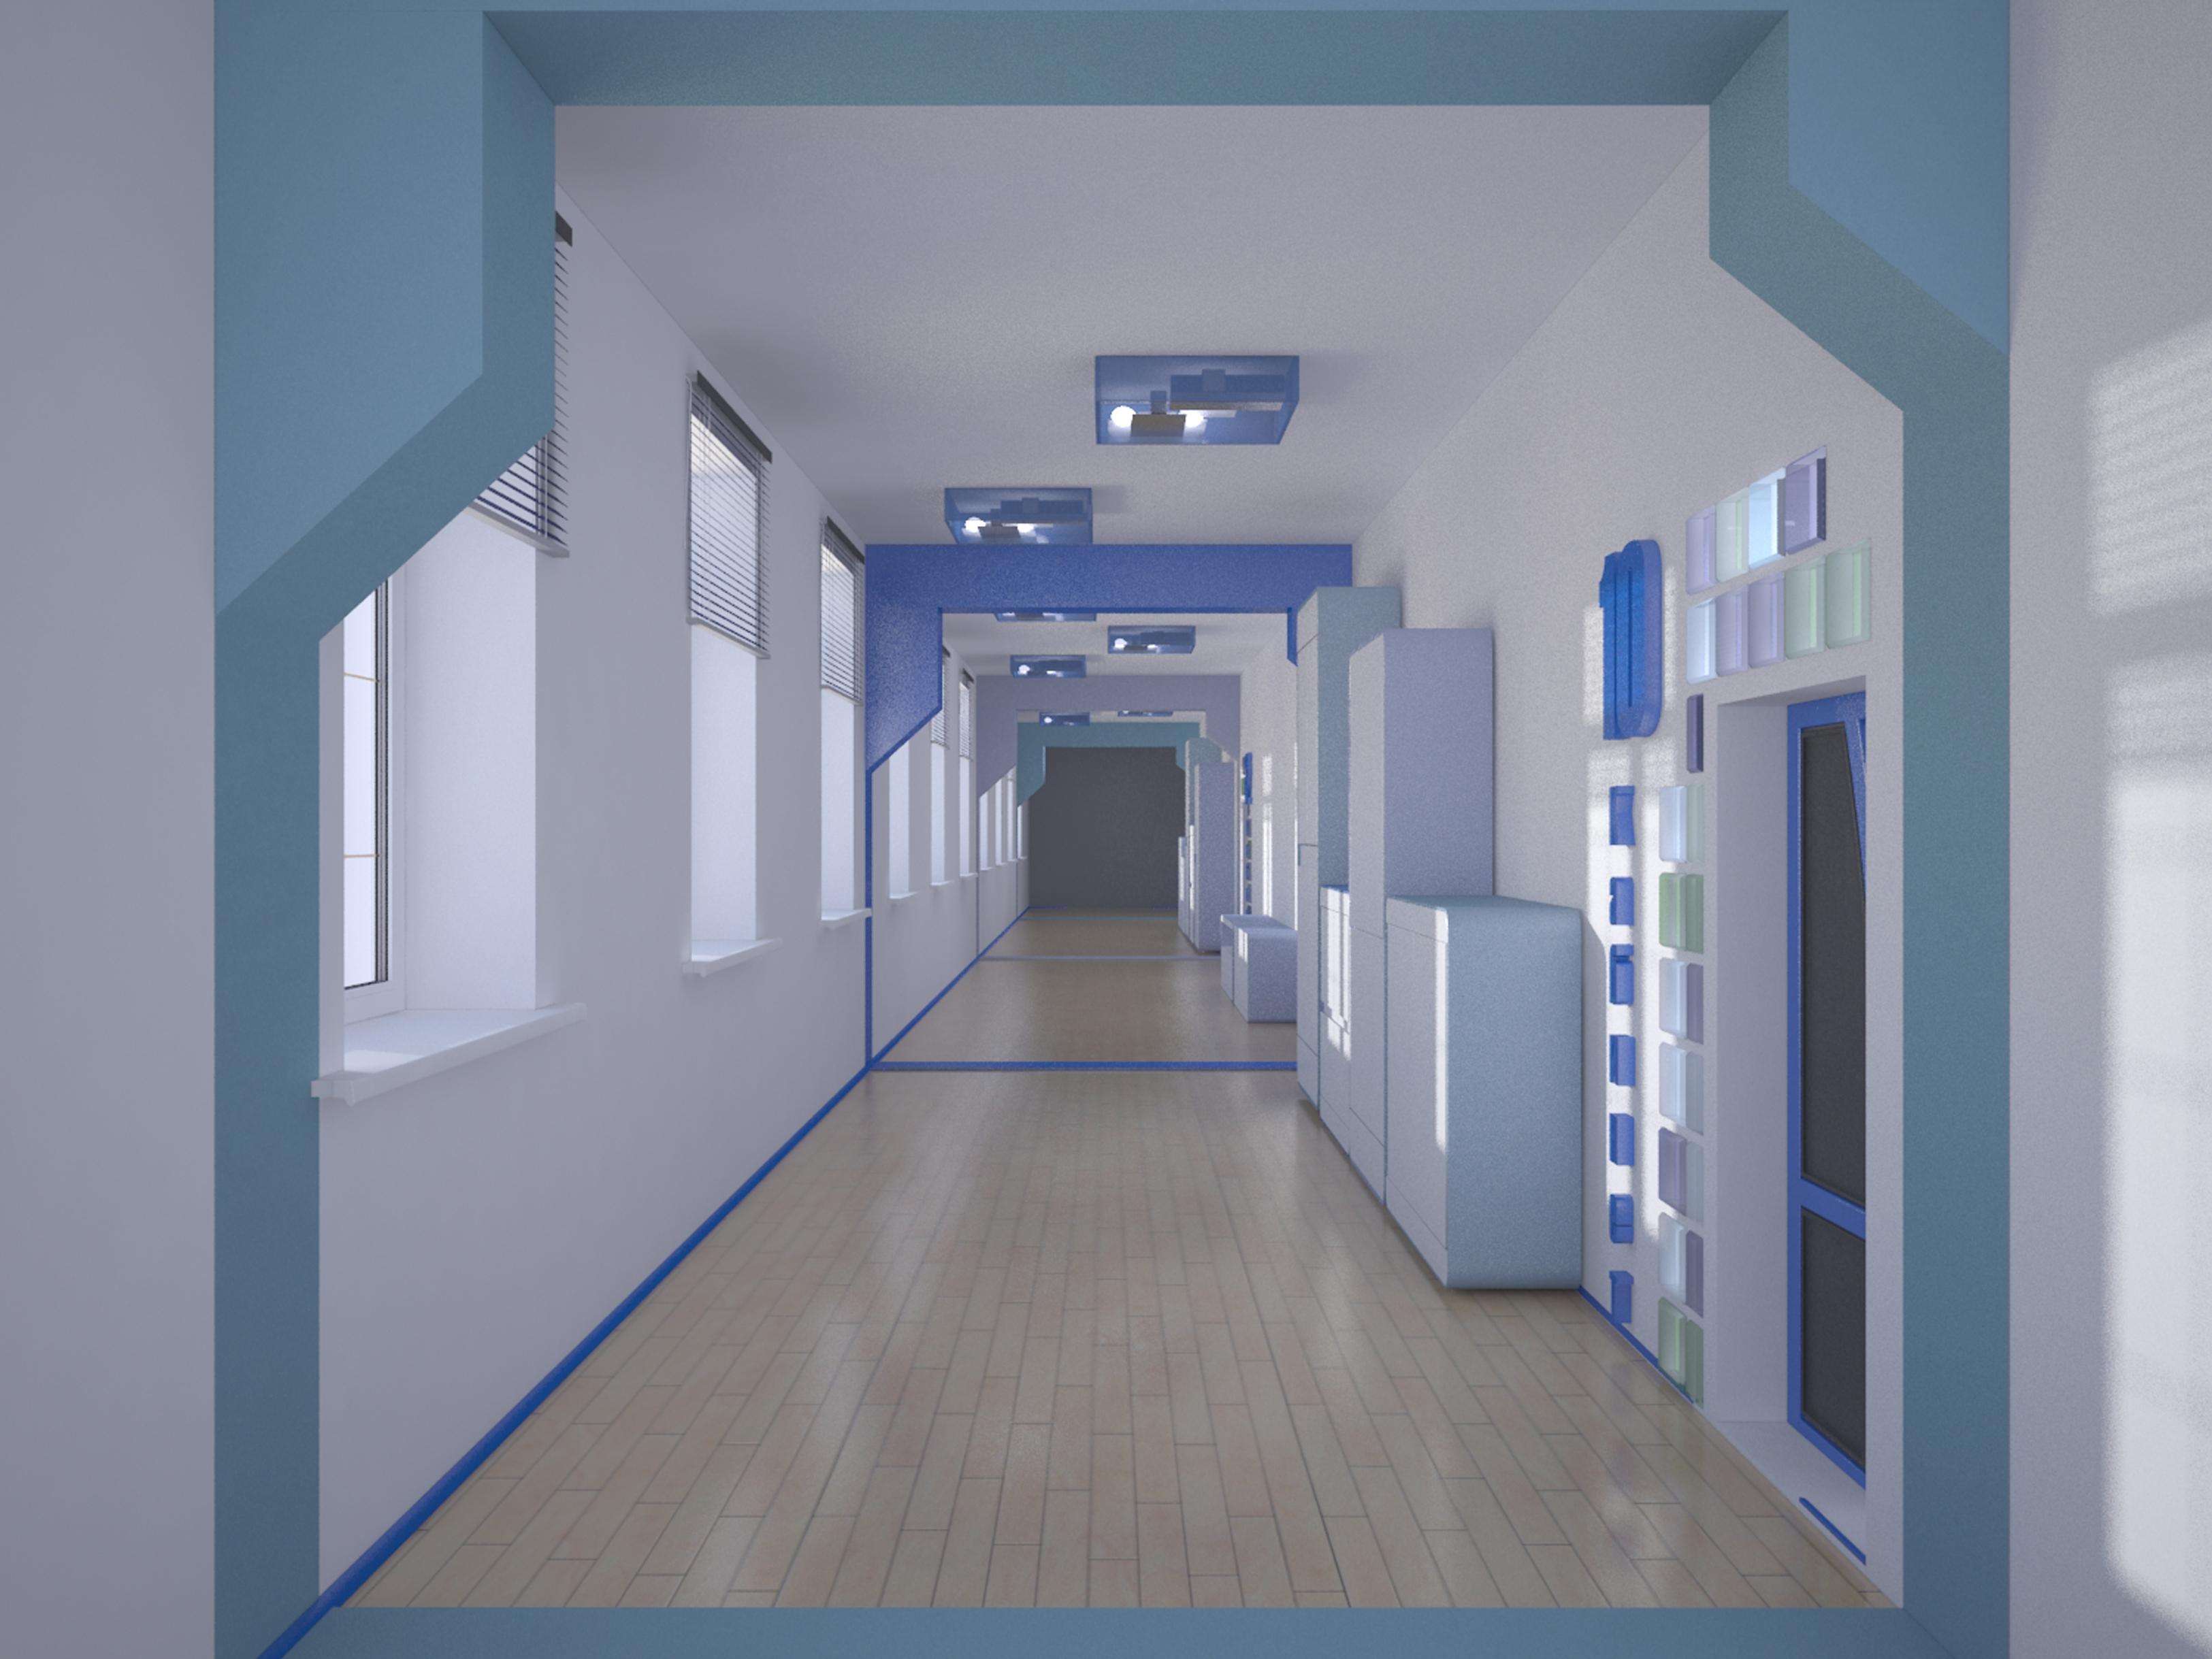 оформление коридоров в колледже фото активного